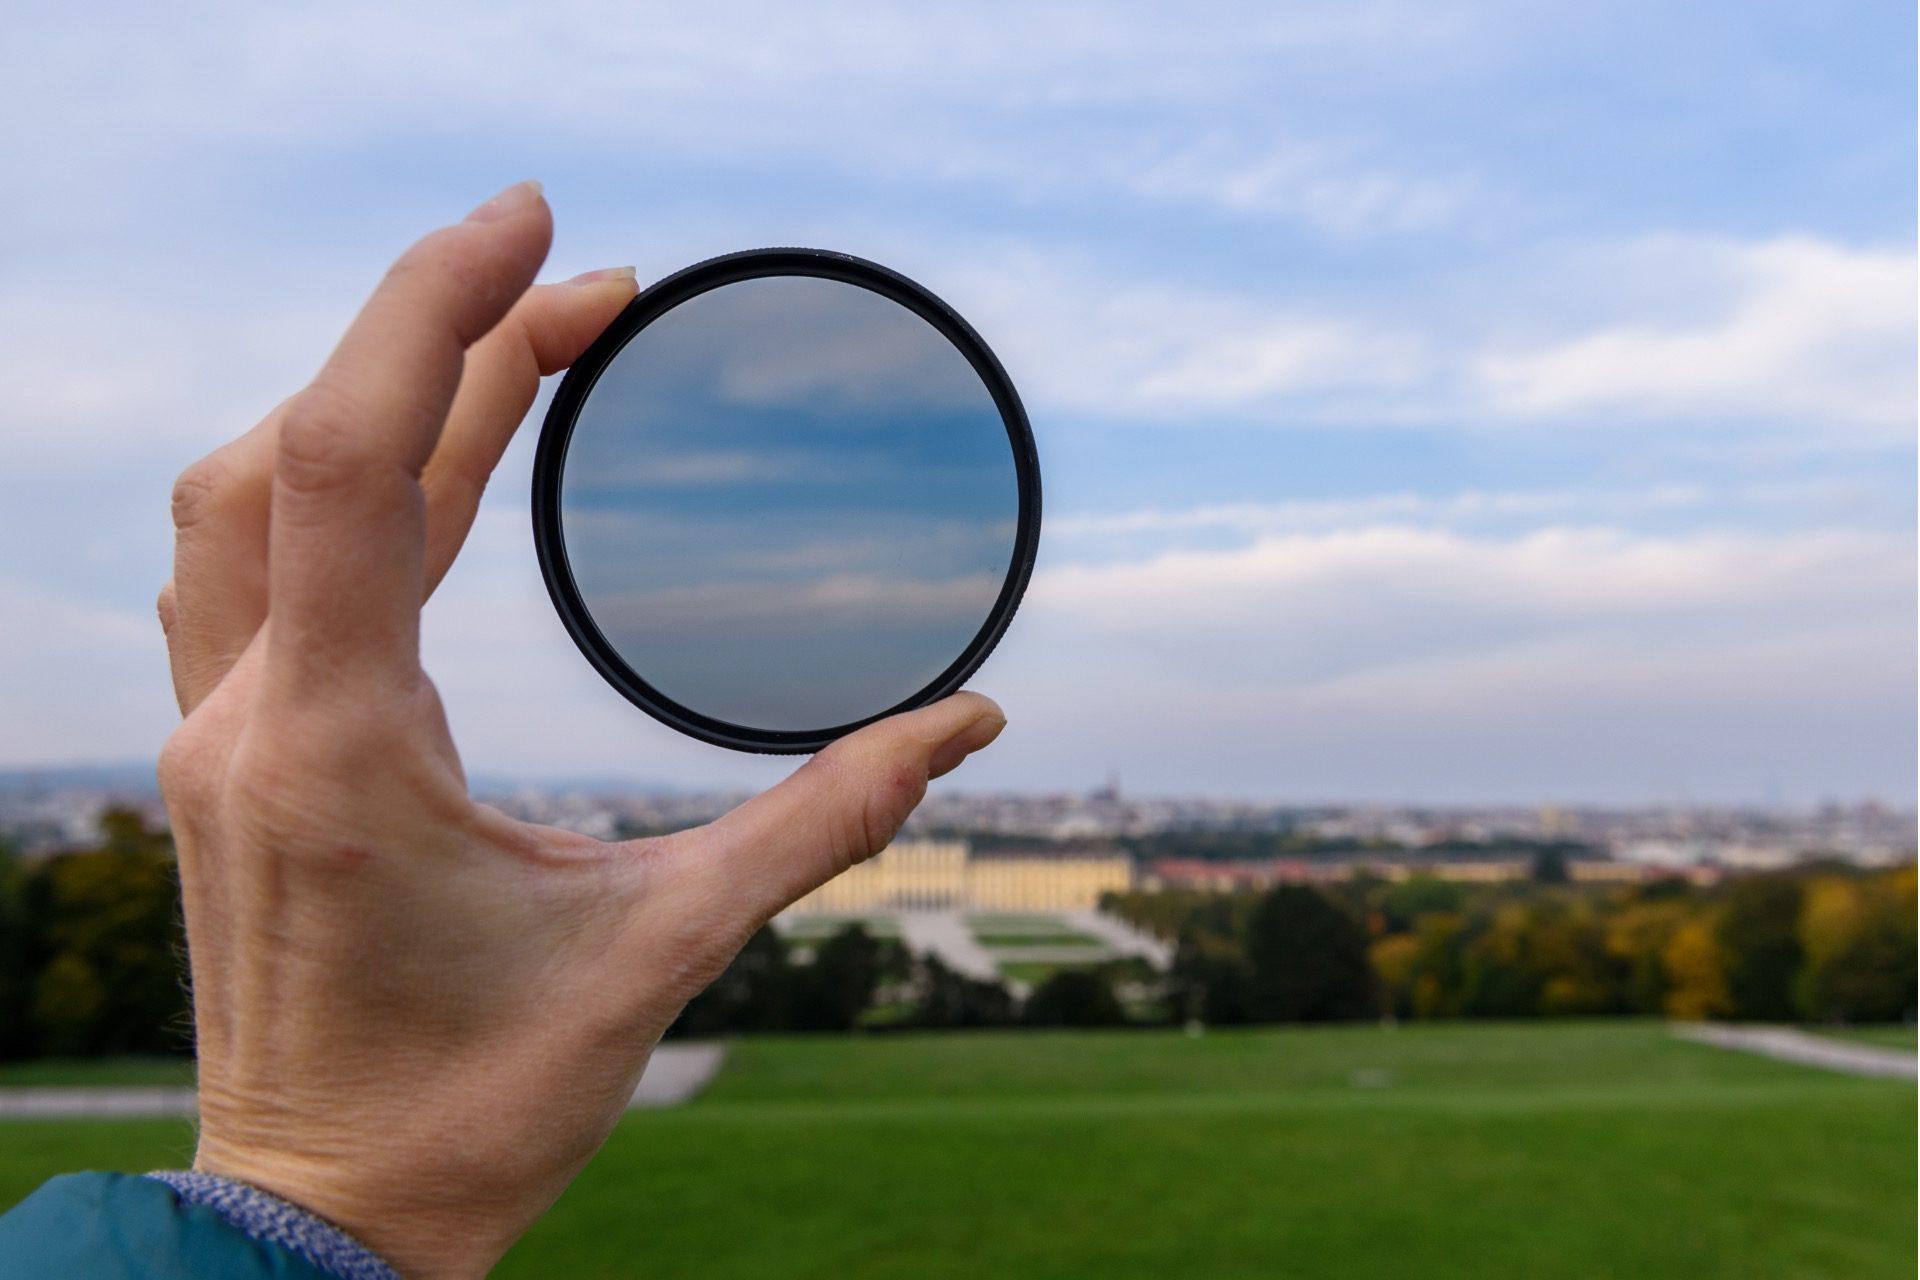 Einführung in die Filter Fotografie: Welche Filter gibt es und wofür werden sie benutzt?